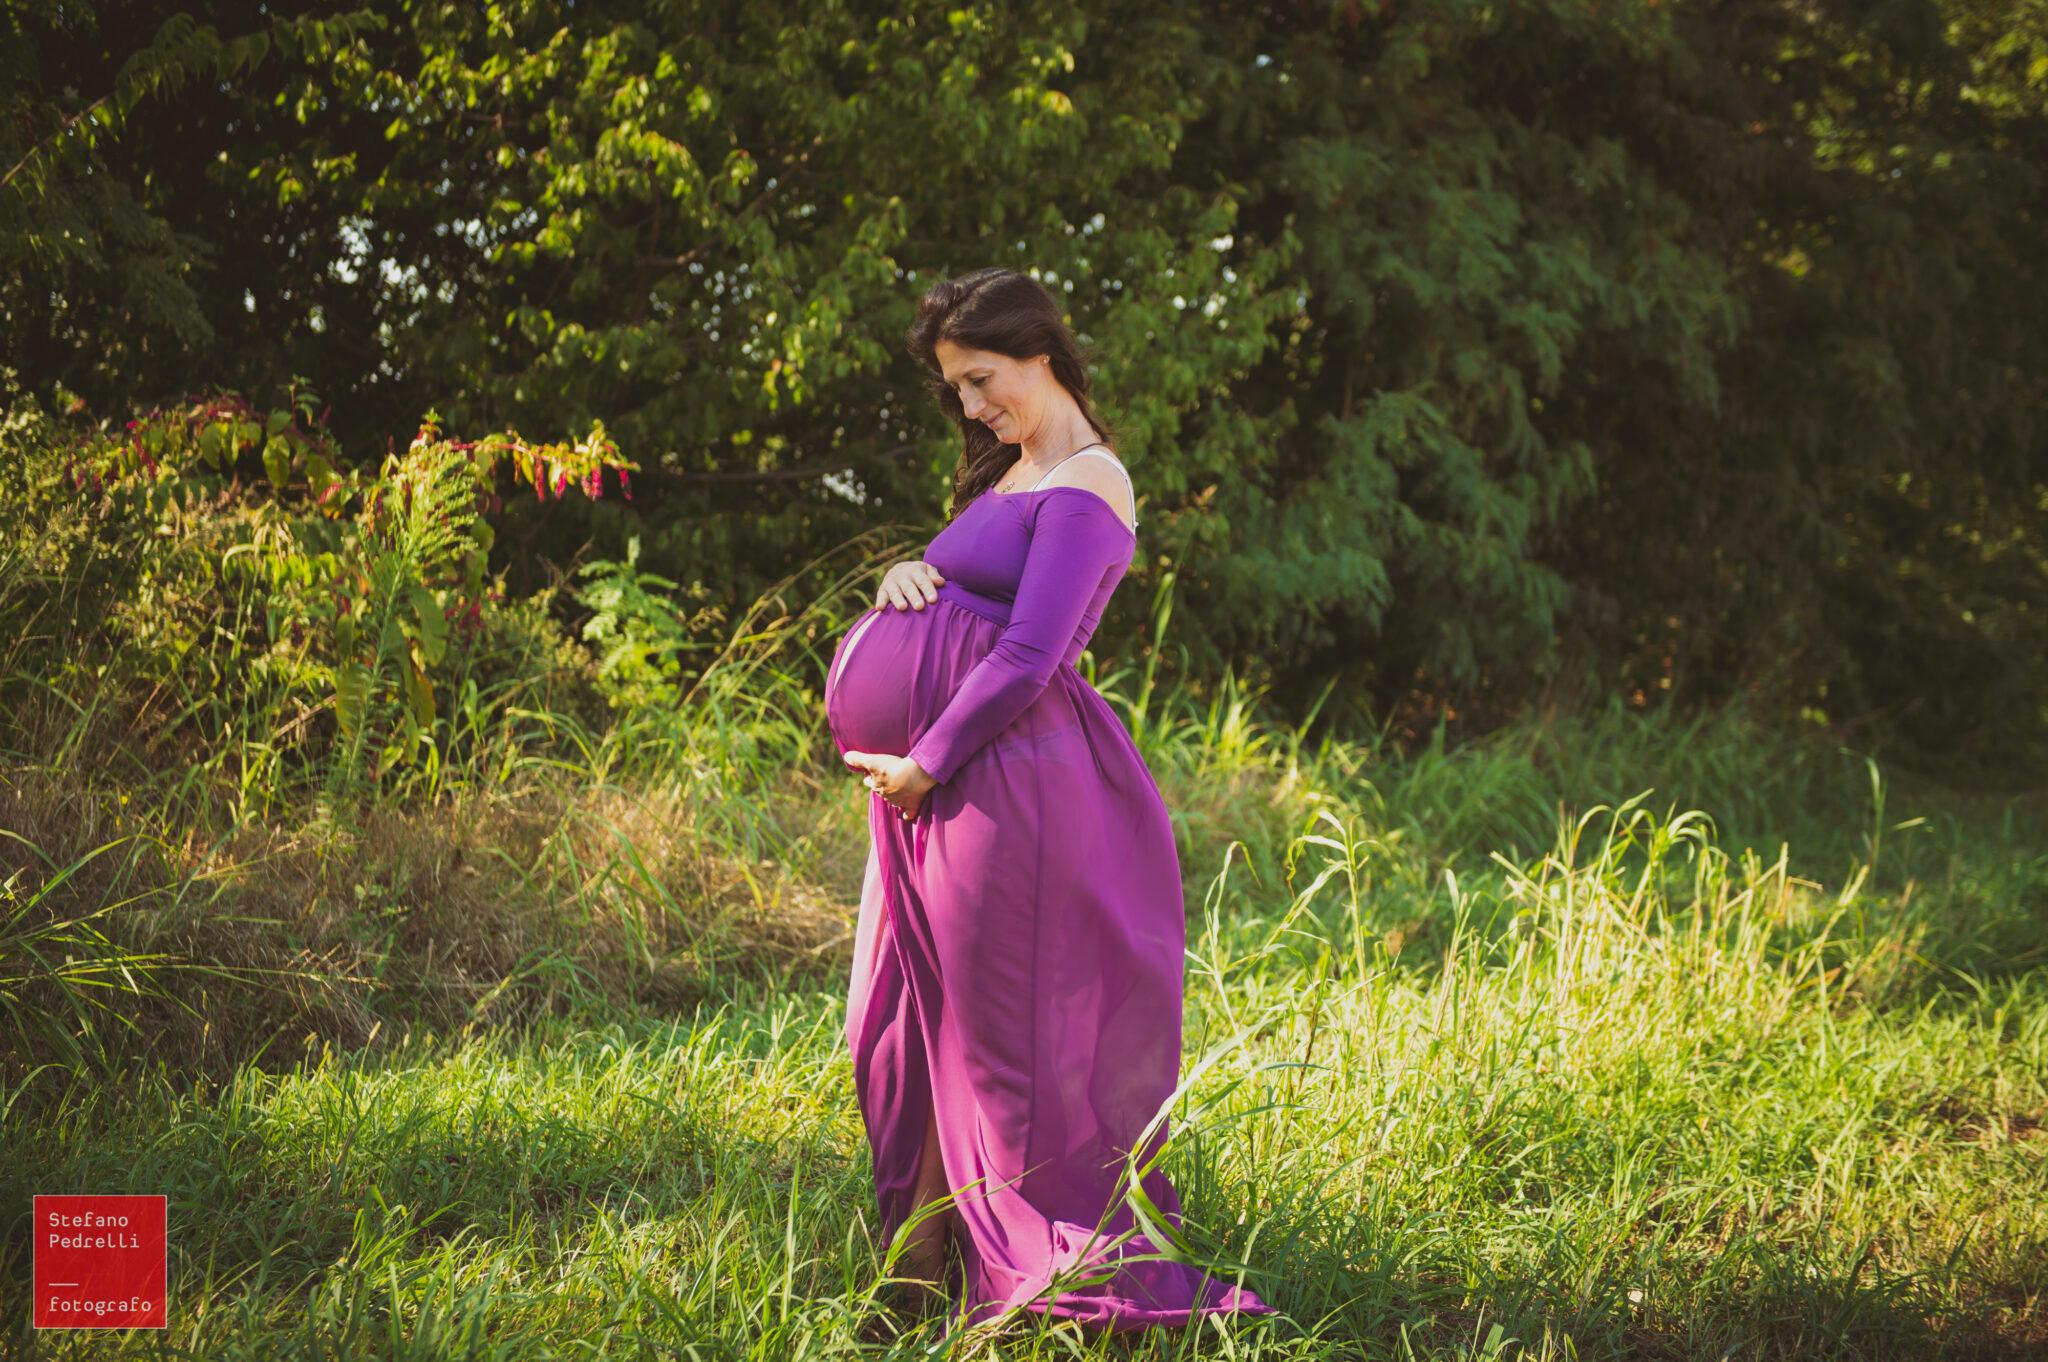 fotografo gravidanza maternity milano Stefano Pedrelli